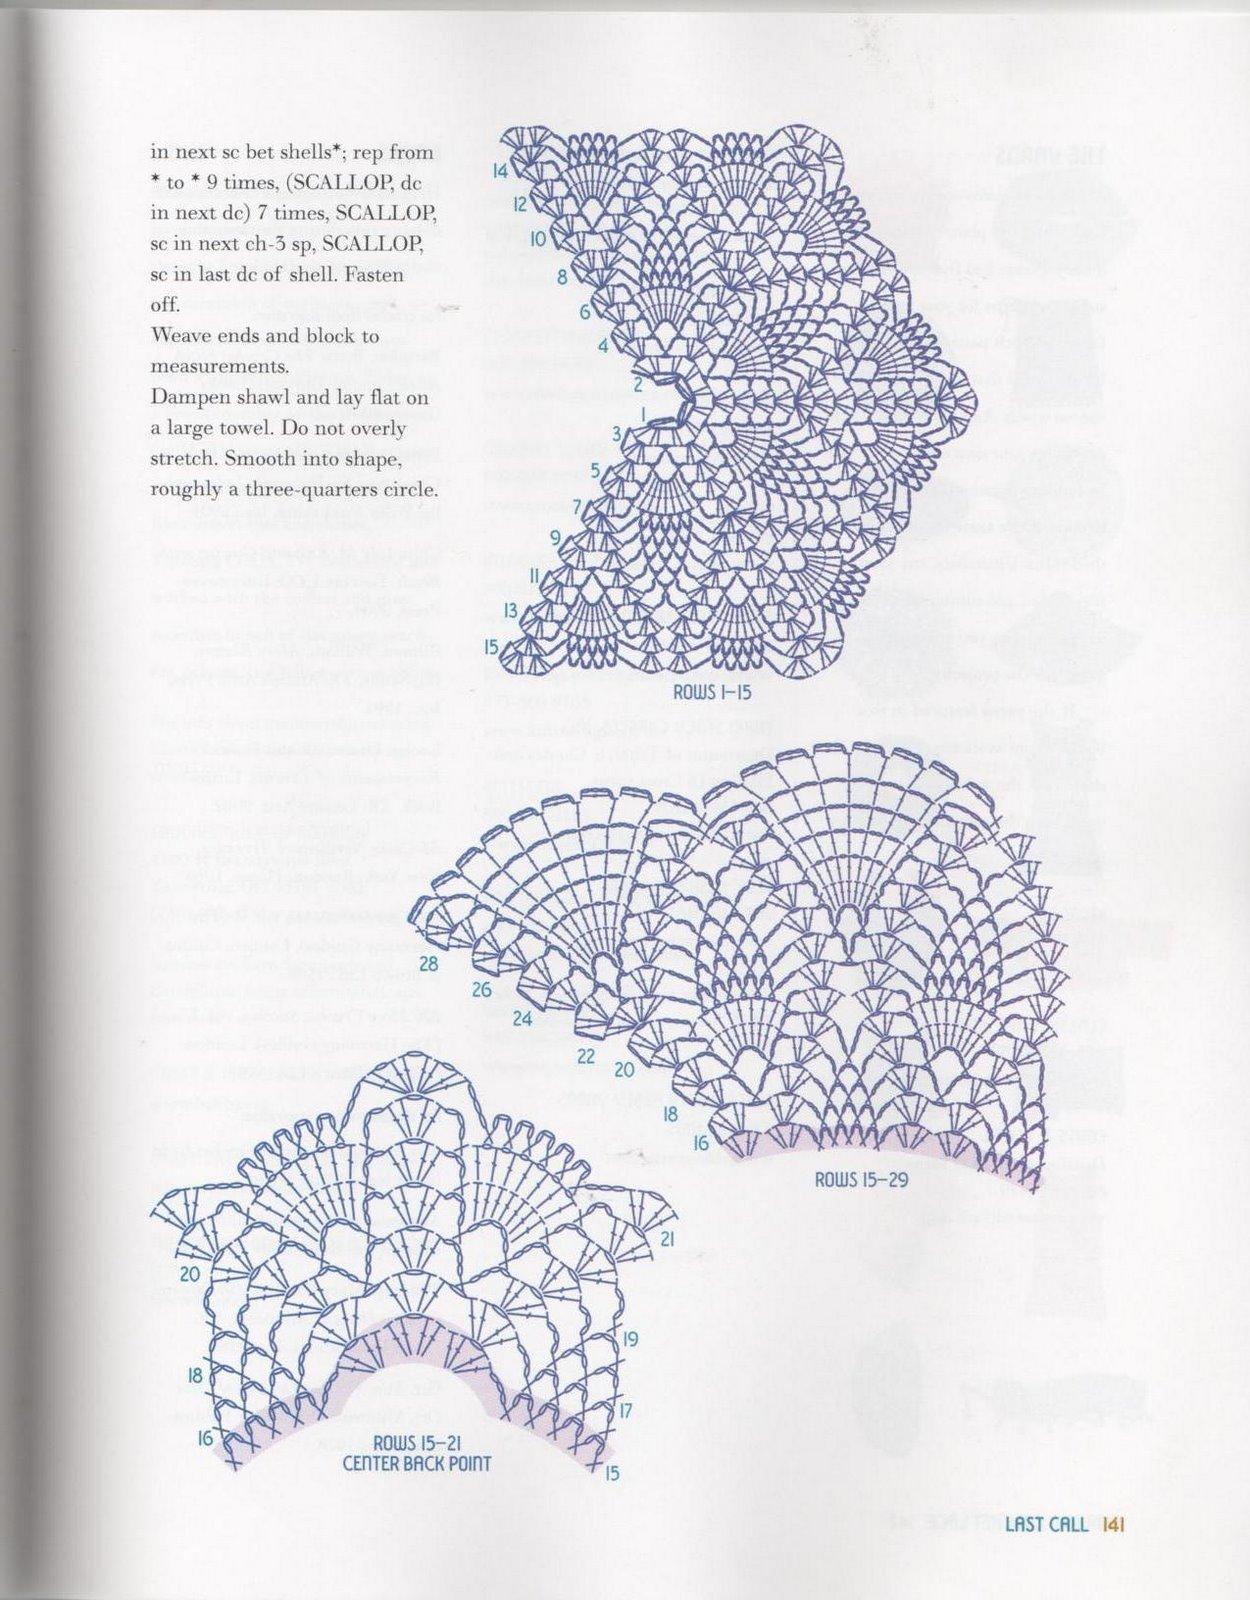 Ткань и вязание крючком схемы и описание 95